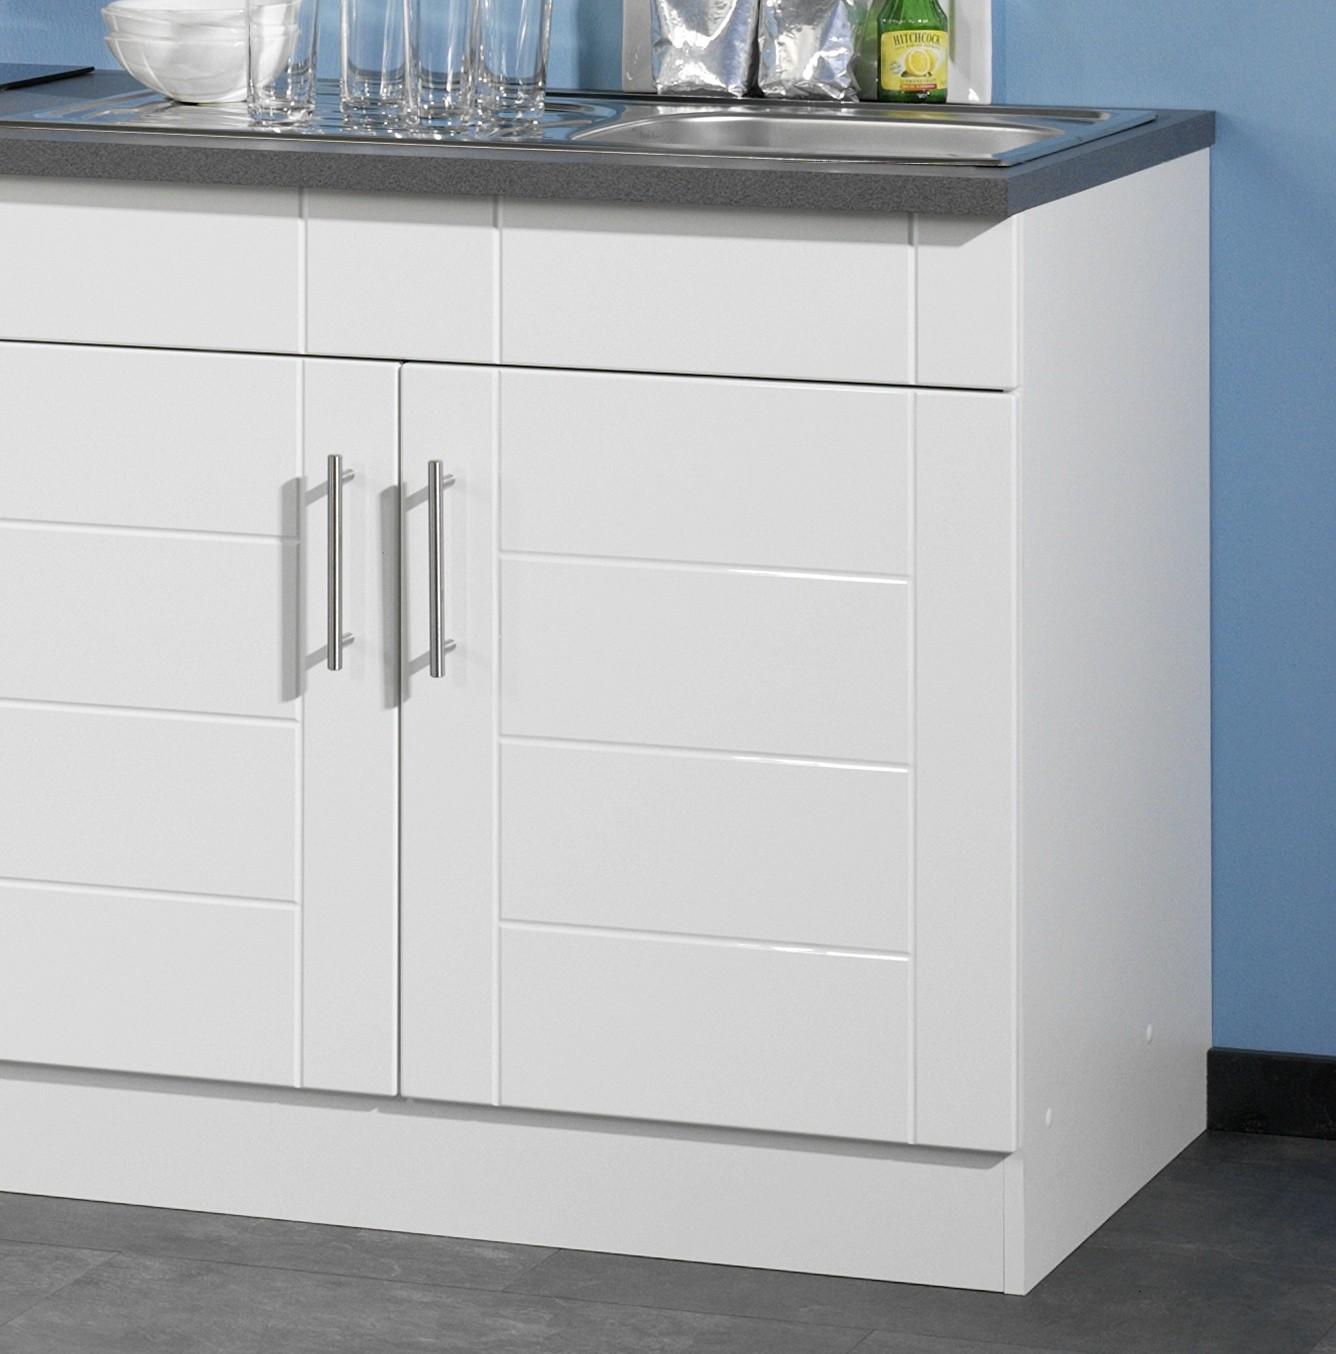 küchenzeile nevada - küche mit e-geräten - breite 210 cm ... - Küche 210 Cm